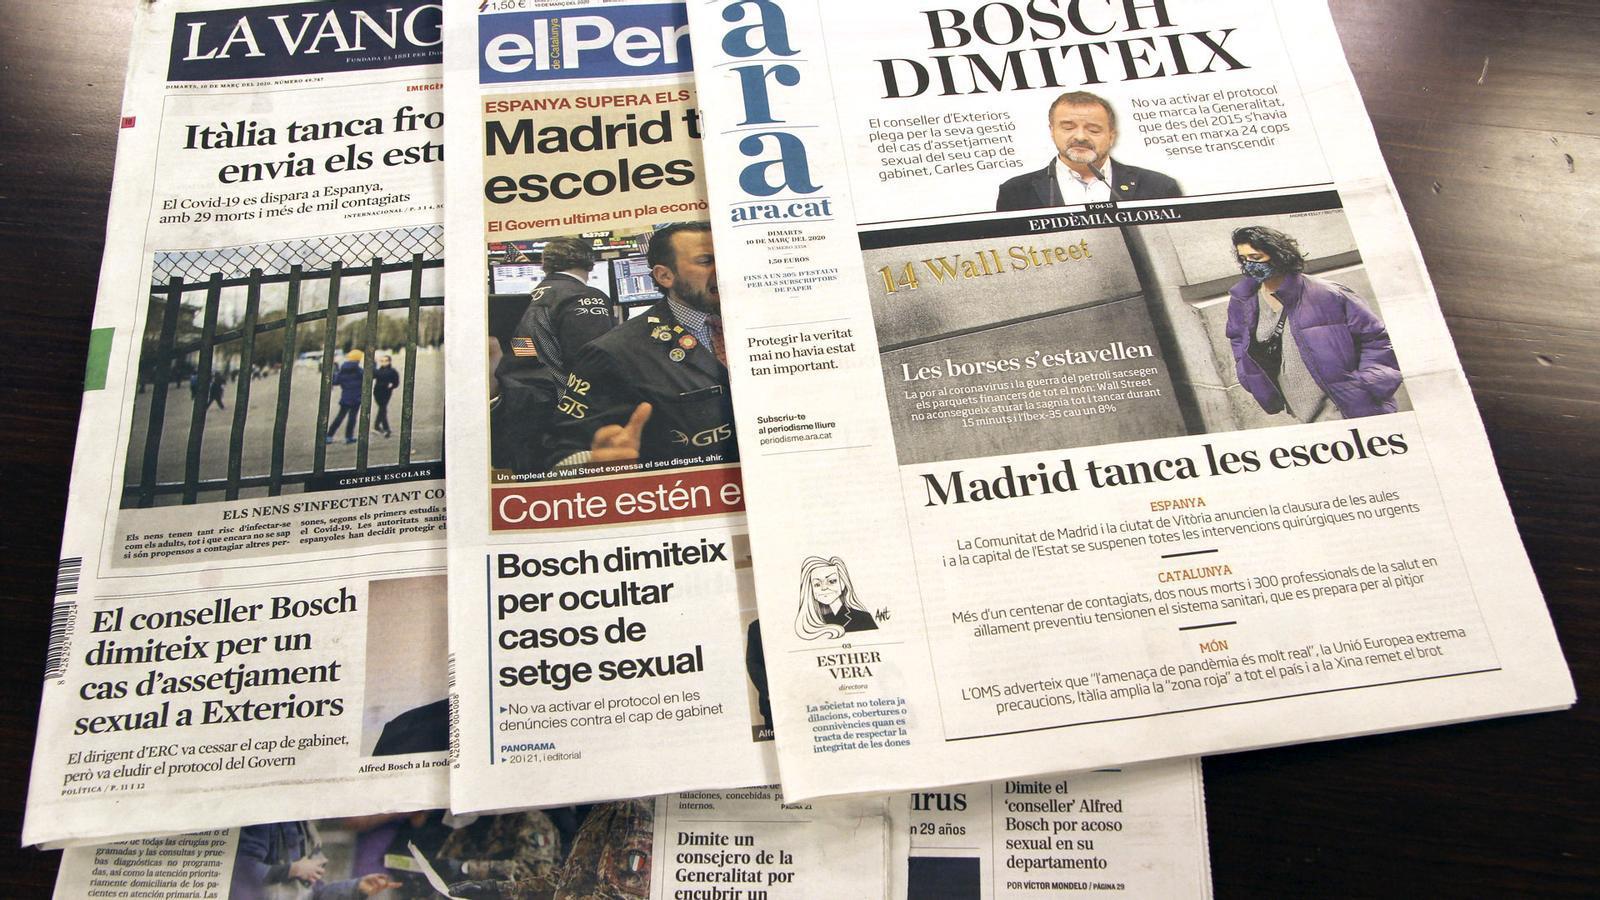 L'anàlisi d'Antoni Bassas: 'Les lliçons de la dimissió del conseller Bosch'